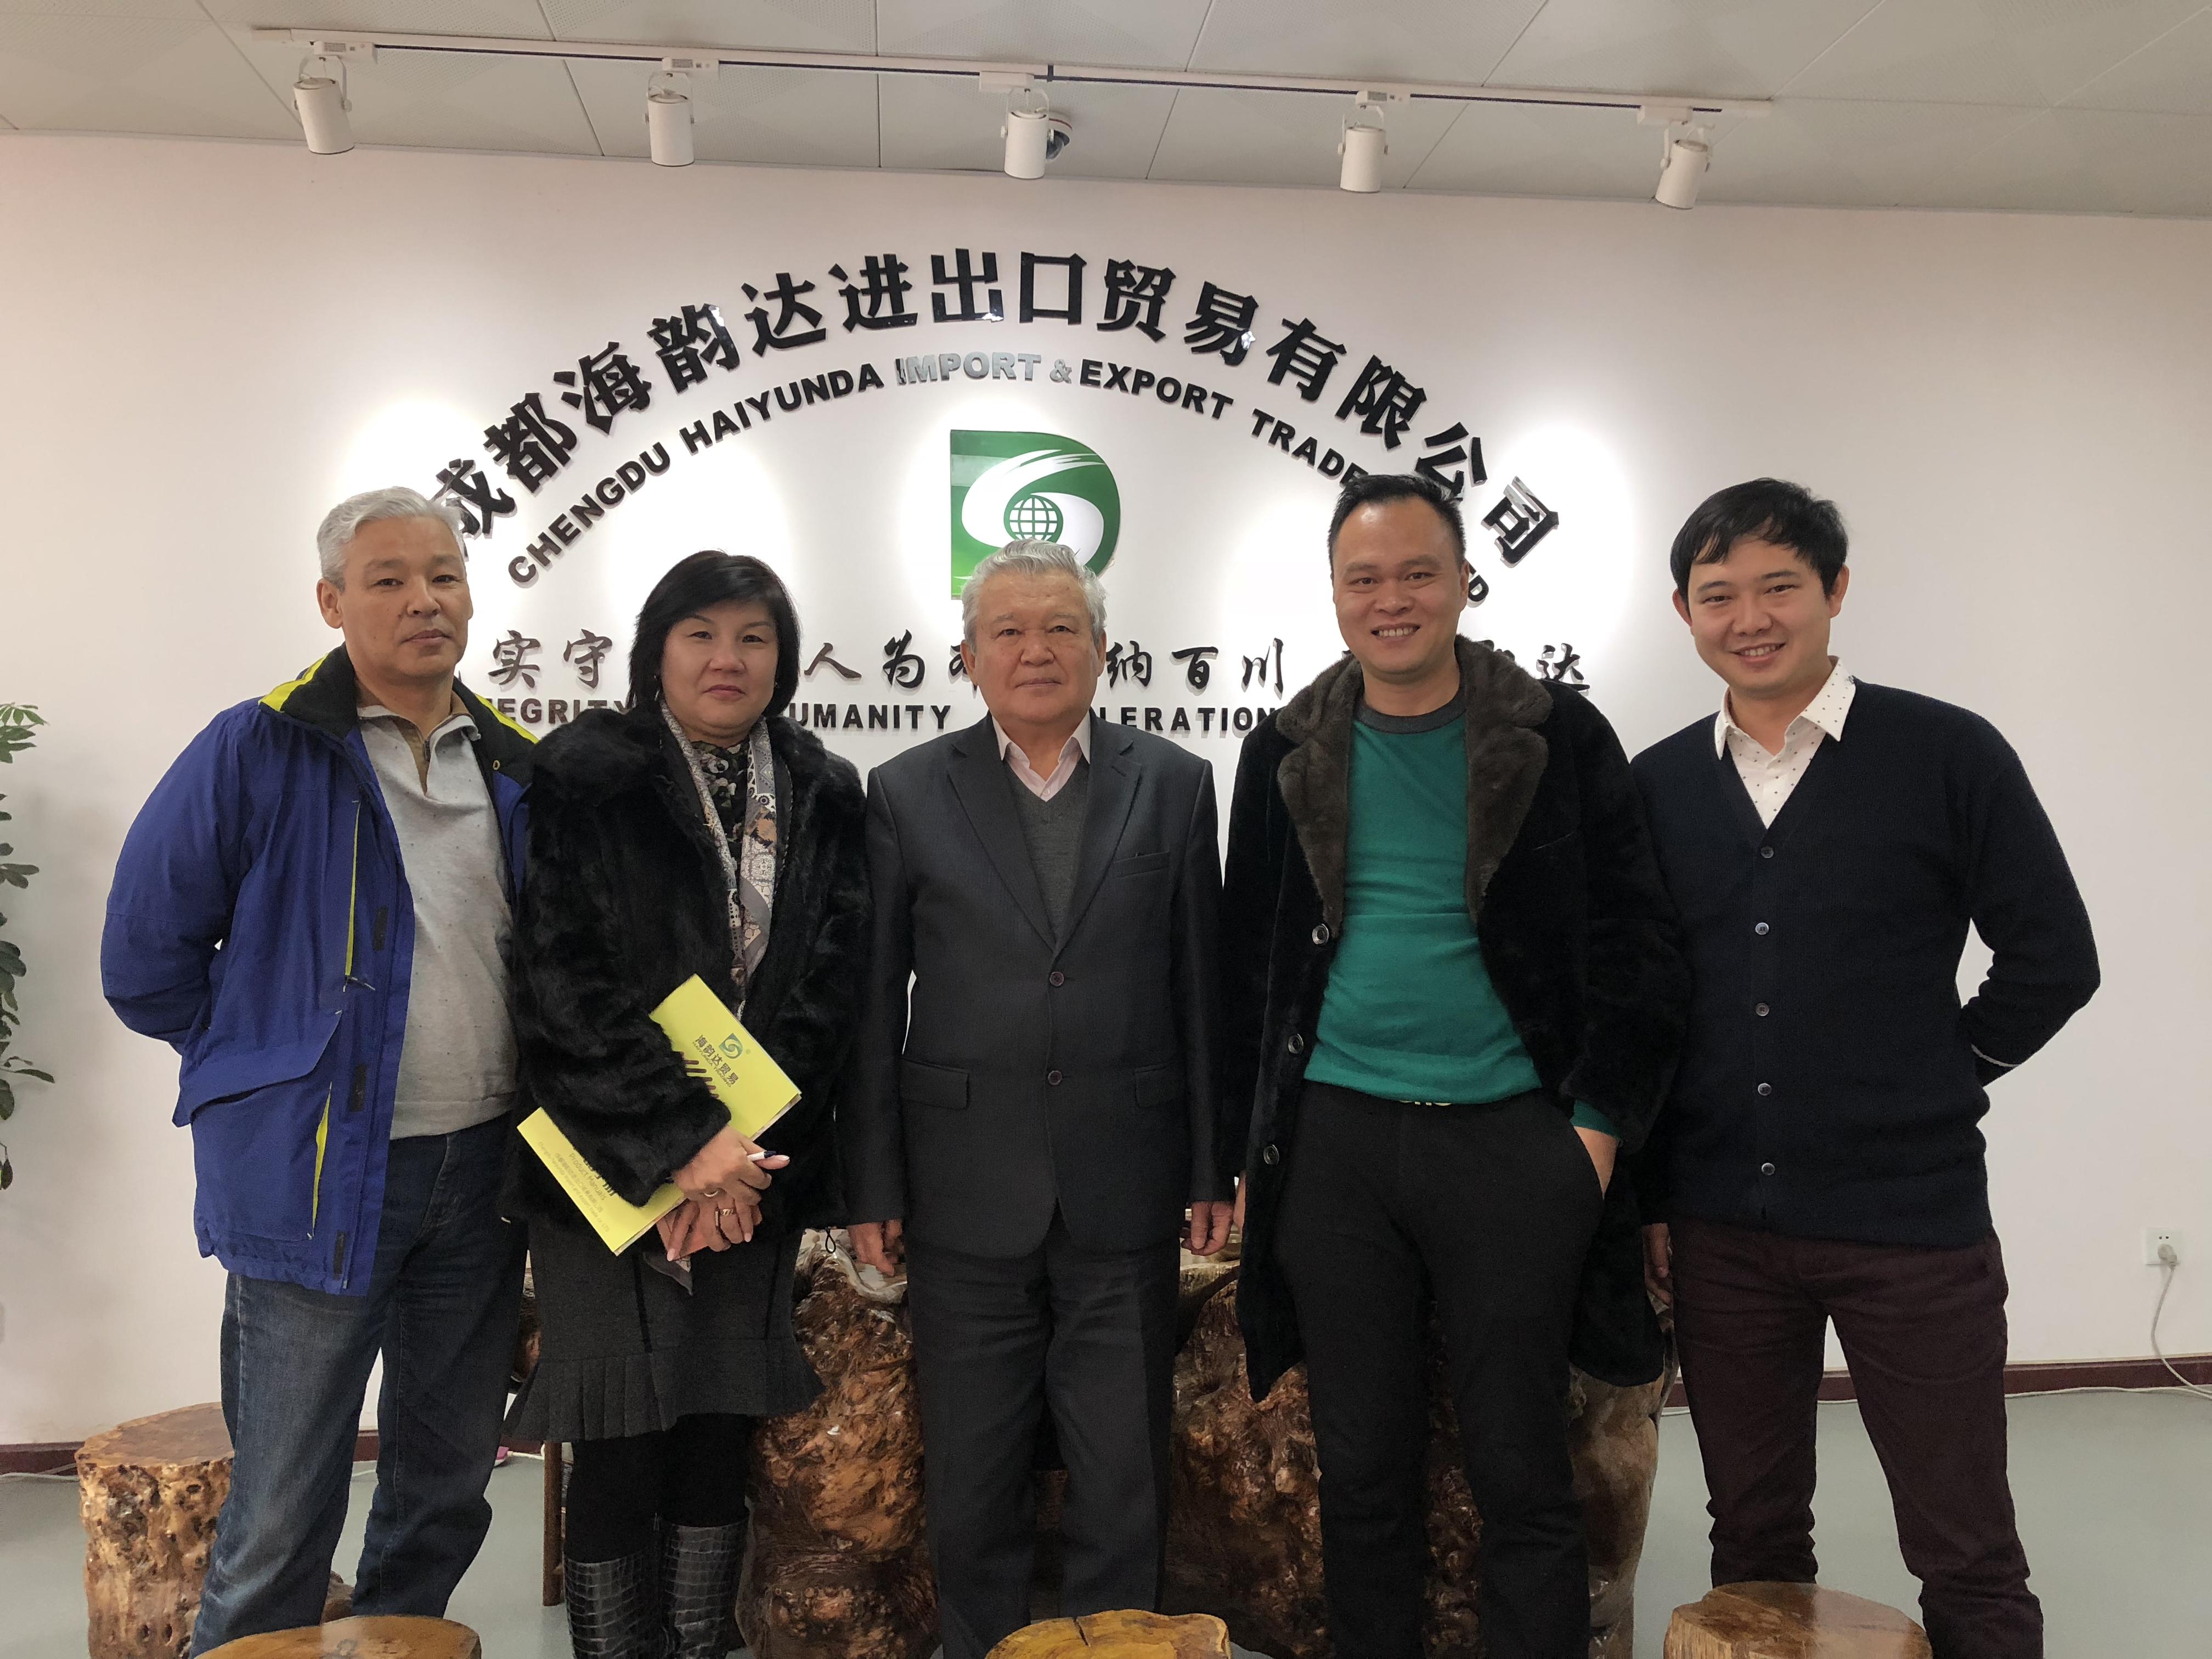 海韵达获取哈萨克斯坦牛肉正式开关消息并制定中国进口标准